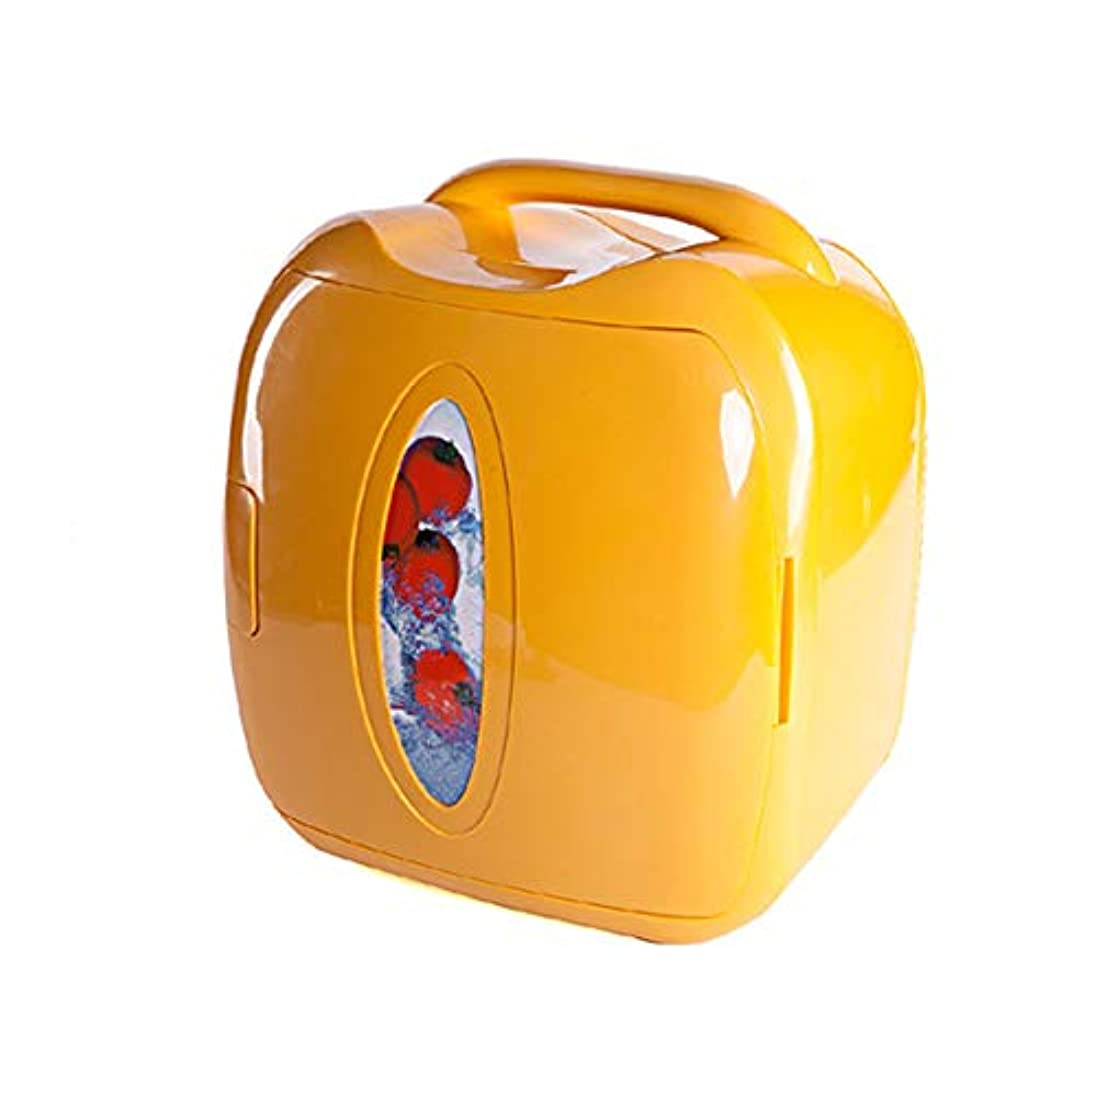 細心のブラウンやさしく8Lカー冷蔵庫、ミニ冷蔵庫、小型家庭用冷蔵庫、ポータブル冷蔵庫、兼用冷蔵庫、冷凍庫、黄色